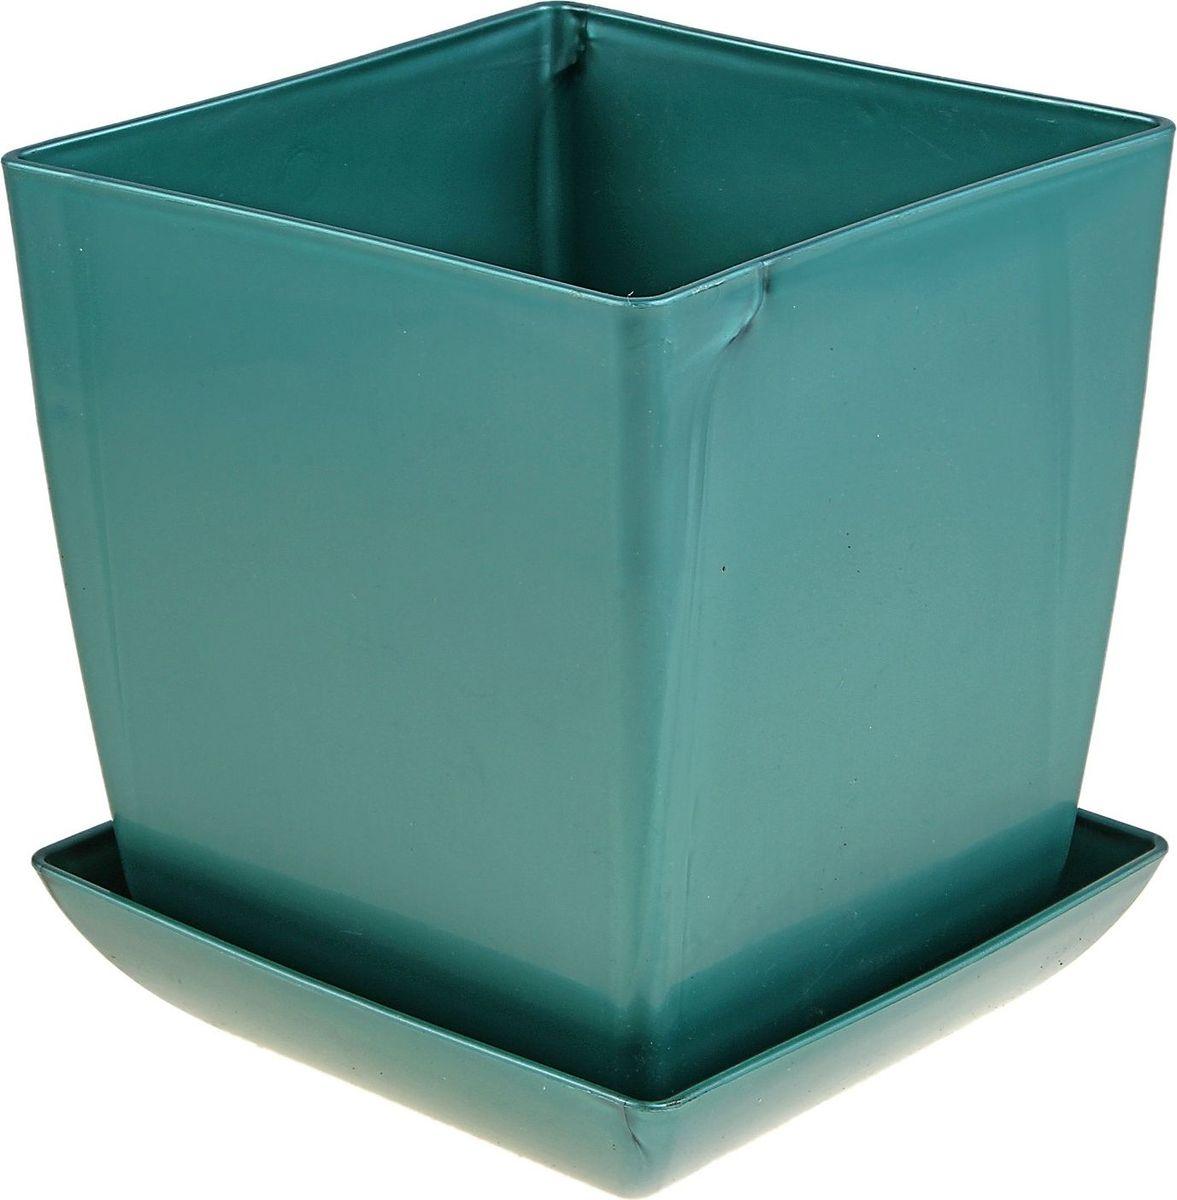 Горшок для цветов Мегапласт Квадрат, с поддоном, цвет: бирюзовый перламутр, 3,5 л19201Любой, даже самый современный и продуманный интерьер будет не завершённым без растений. Они не только очищают воздух и насыщают его кислородом, но и заметно украшают окружающее пространство. Такому полезному члену семьи просто необходимо красивое и функциональное кашпо, оригинальный горшок или необычная ваза! Мы предлагаем - Горшок для цветов с поддоном 16х16 см Квадрат 3,5 л, цвет бирюзовый перламутр! Оптимальный выбор материала пластмасса! Почему мы так считаем? Малый вес. С лёгкостью переносите горшки и кашпо с места на место, ставьте их на столики или полки, подвешивайте под потолок, не беспокоясь о нагрузке. Простота ухода. Пластиковые изделия не нуждаются в специальных условиях хранения. Их легко чистить достаточно просто сполоснуть тёплой водой. Никаких царапин. Пластиковые кашпо не царапают и не загрязняют поверхности, на которых стоят. Пластик дольше хранит влагу, а значит растение реже нуждается в поливе. Пластмасса не пропускает воздух корневой системе растения не грозят резкие перепады температур. Огромный выбор форм, декора и расцветок вы без труда подберёте что-то, что идеально впишется в уже существующий интерьер. Соблюдая нехитрые правила ухода, вы можете заметно продлить срок службы горшков, вазонов и кашпо из пластика: всегда учитывайте размер кроны и корневой системы растения (при разрастании большое растение способно повредить маленький горшок)берегите изделие от воздействия прямых солнечных лучей, чтобы кашпо и горшки не выцветалидержите кашпо и горшки из пластика подальше от нагревающихся поверхностей. Создавайте прекрасные цветочные композиции, выращивайте рассаду или необычные растения, а низкие цены позволят вам не ограничивать себя в выборе.